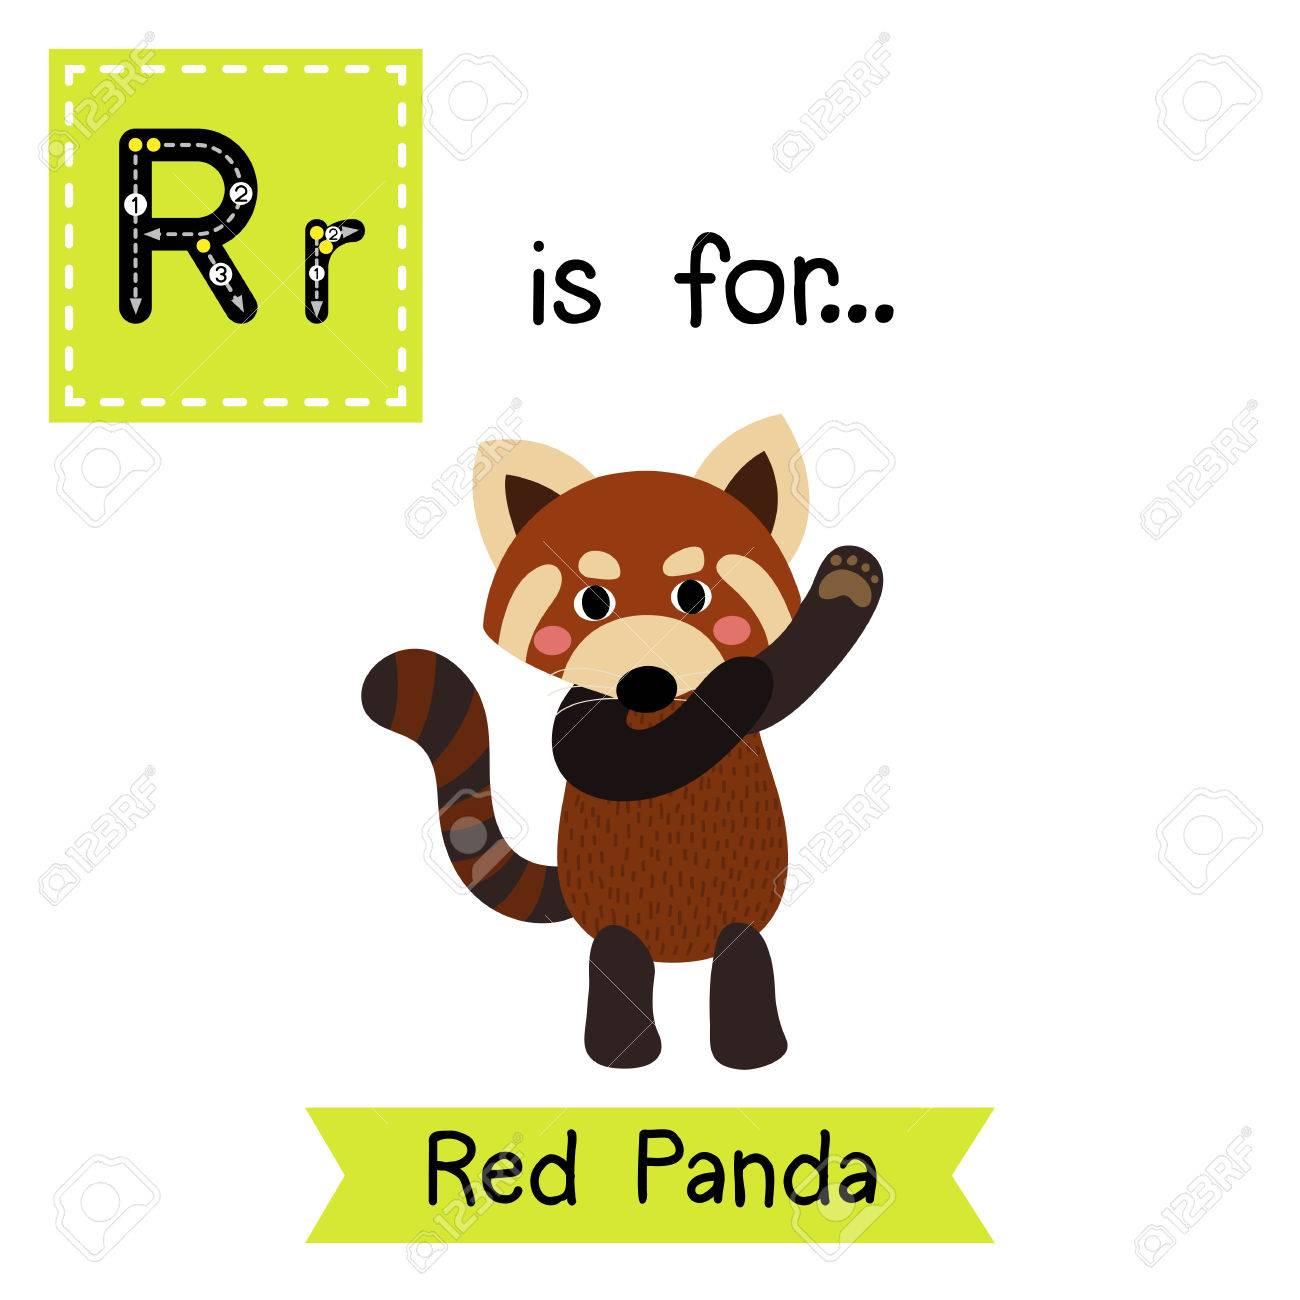 R Carta De Rastreo. Panda Rojo De Baile. Tarjeta De Destello Del ...